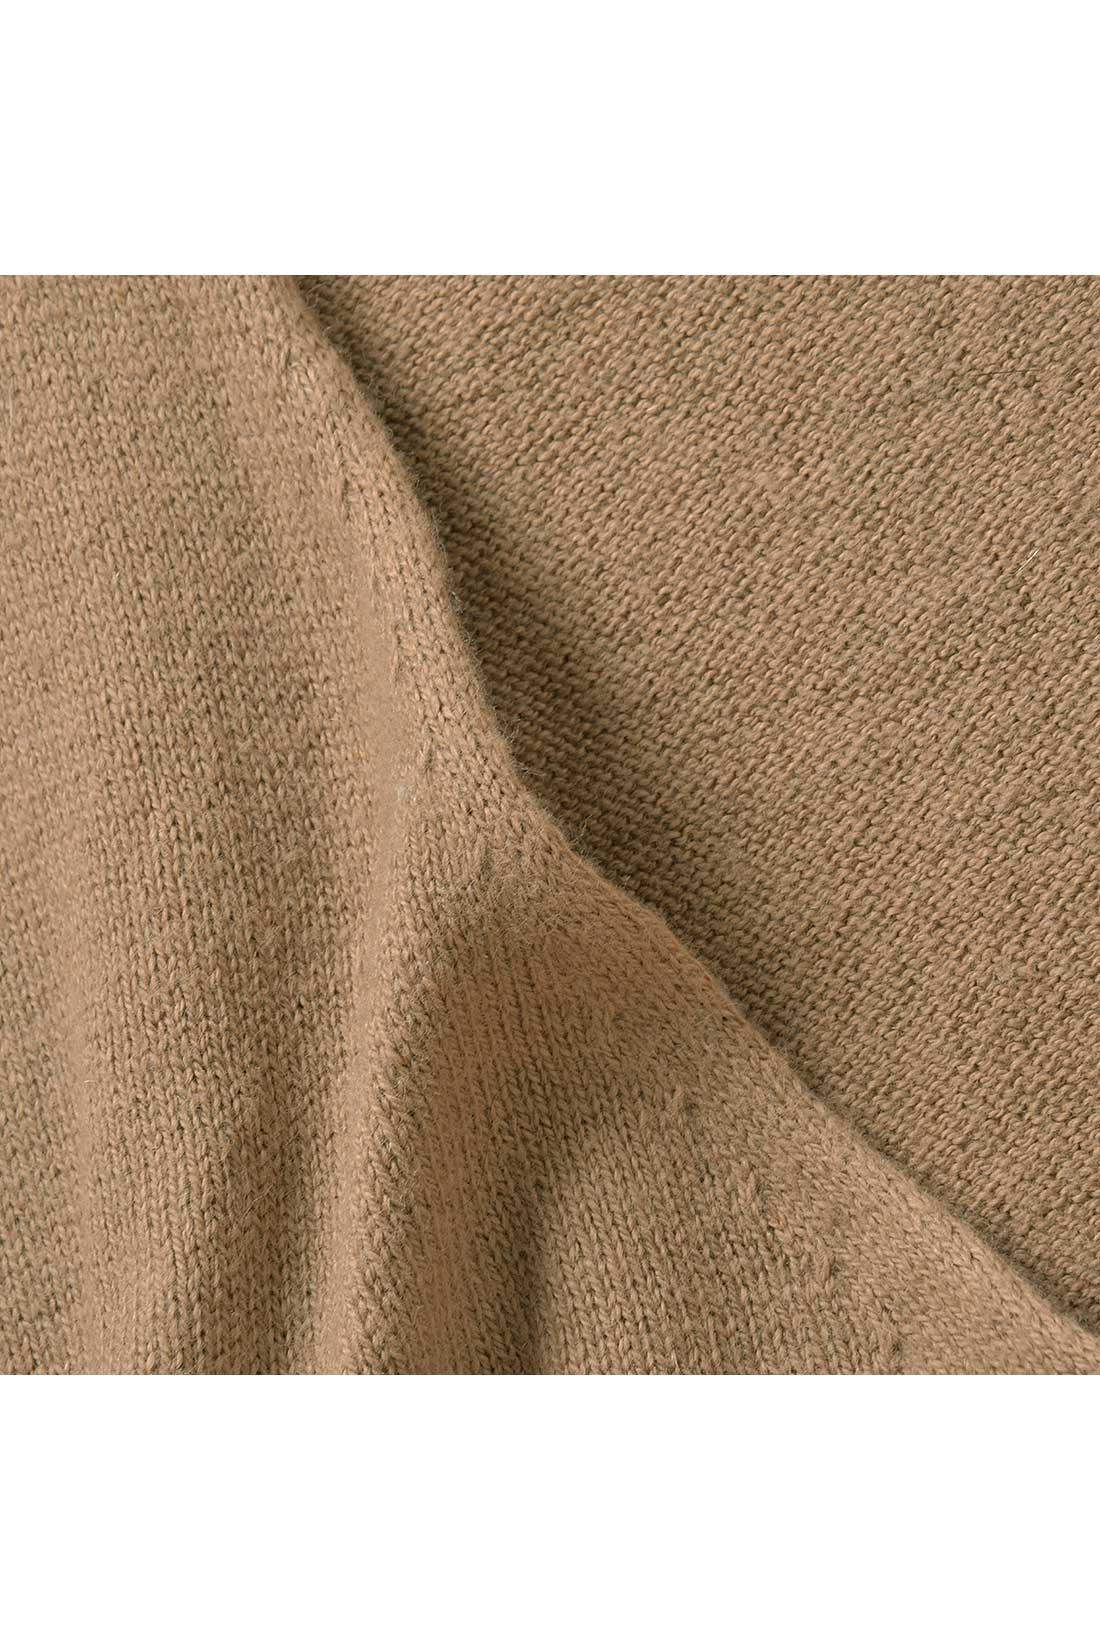 首すじをより美しく引き立てる、肌になじむように編み立てたVライン。